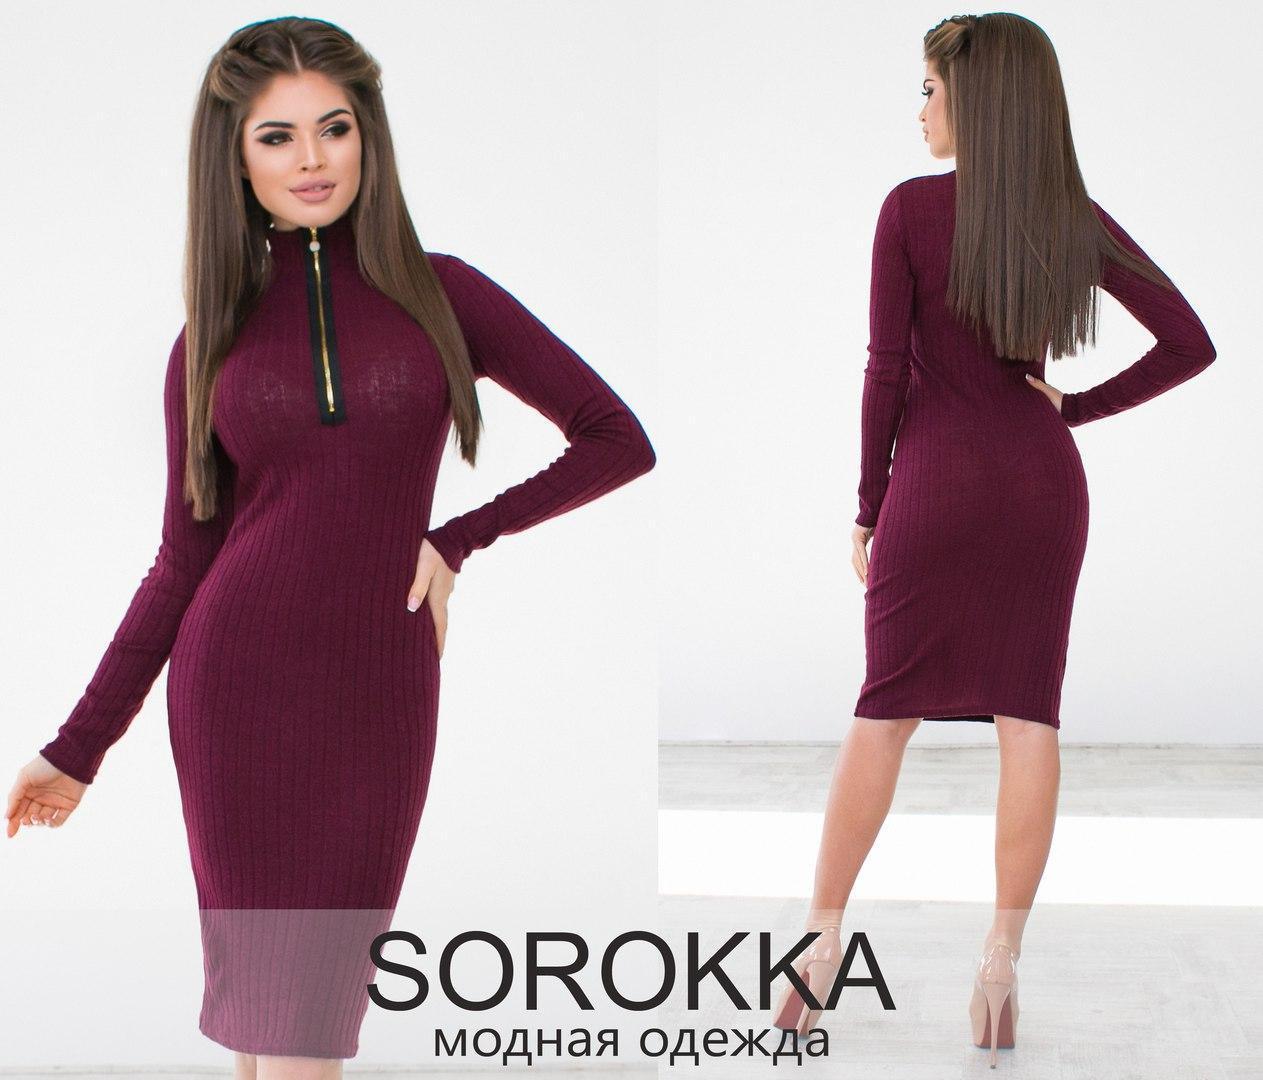 Теплое женское трикотажное платье  Размер: S.M.L